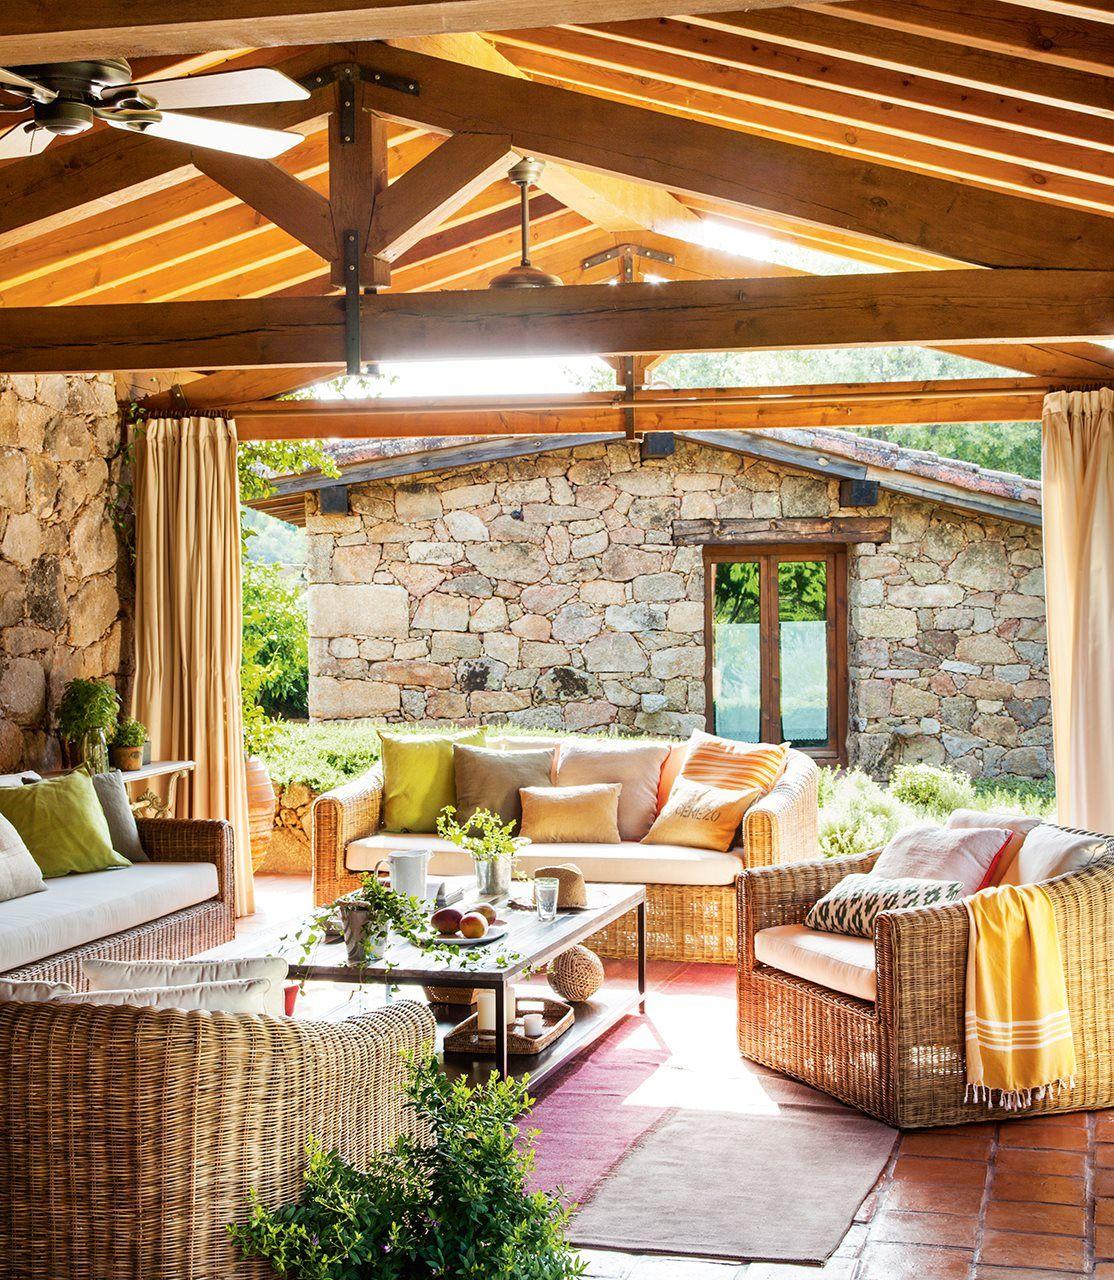 S cale el m ximo partido a tu terraza con esta genial idea para decorar terrazas decoraci n - Piscina en terraza peso maximo ...